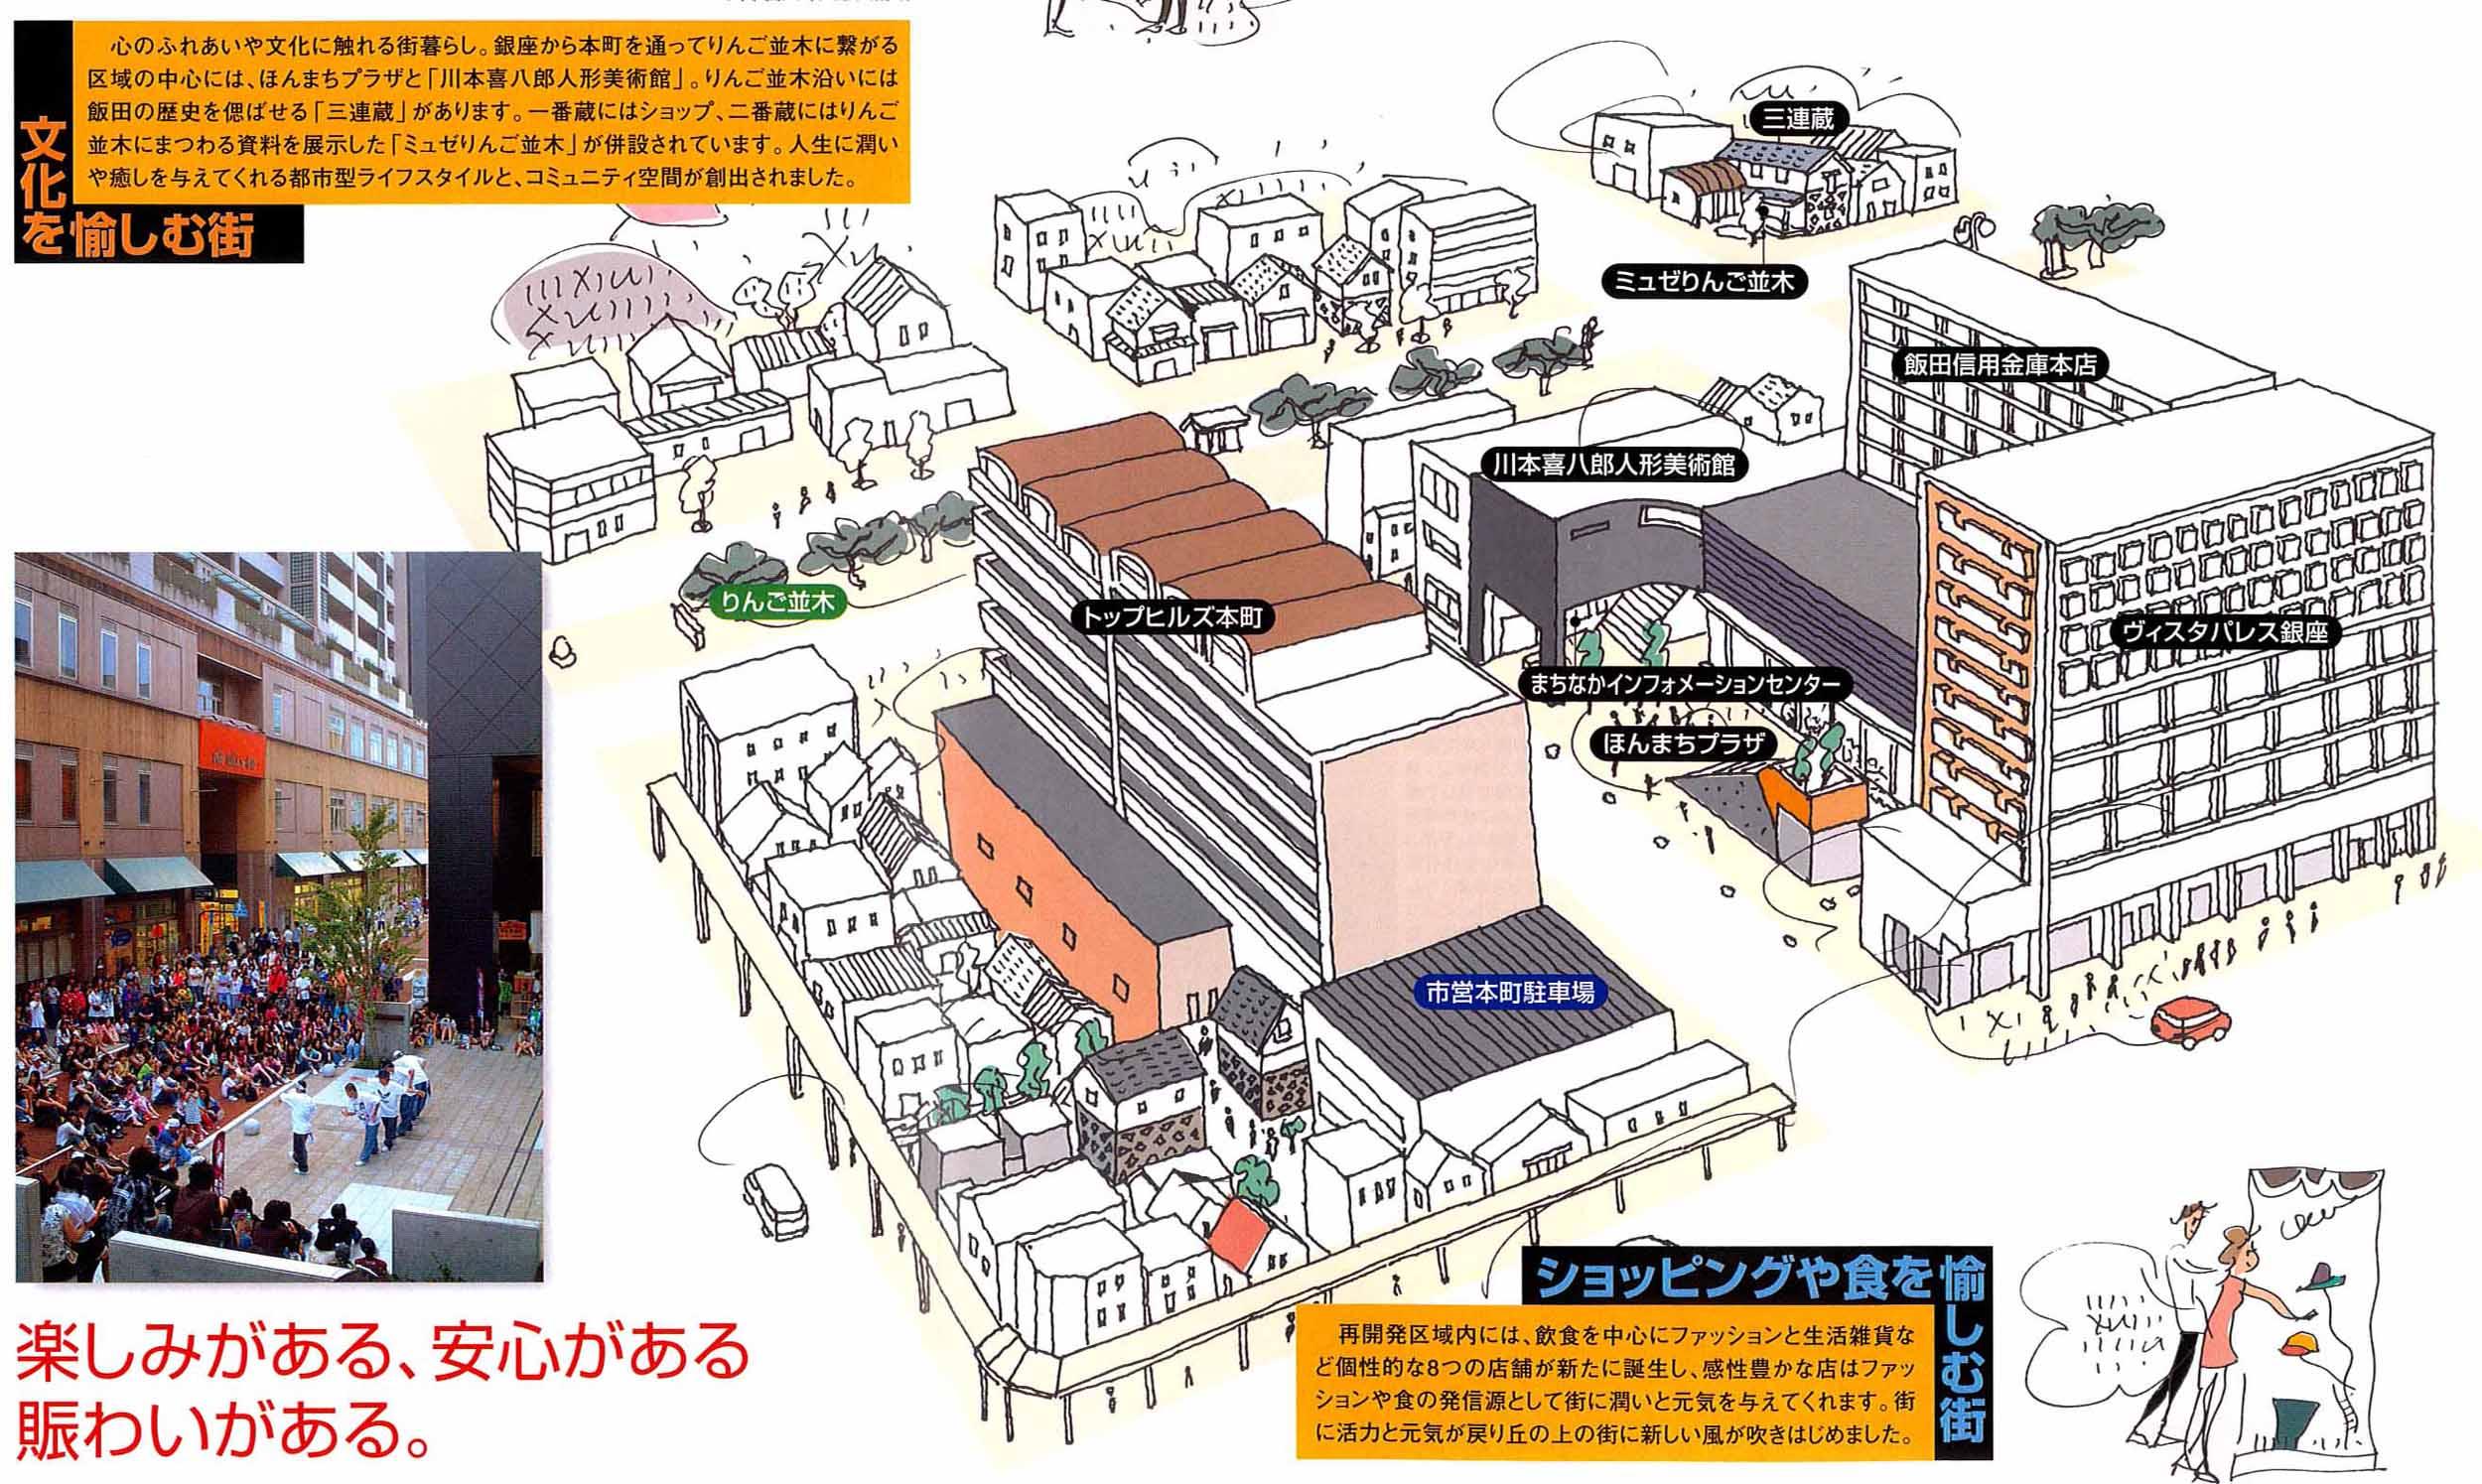 吉原商店街振興組合で視察 飯田市(長野県)_f0141310_22122377.jpg